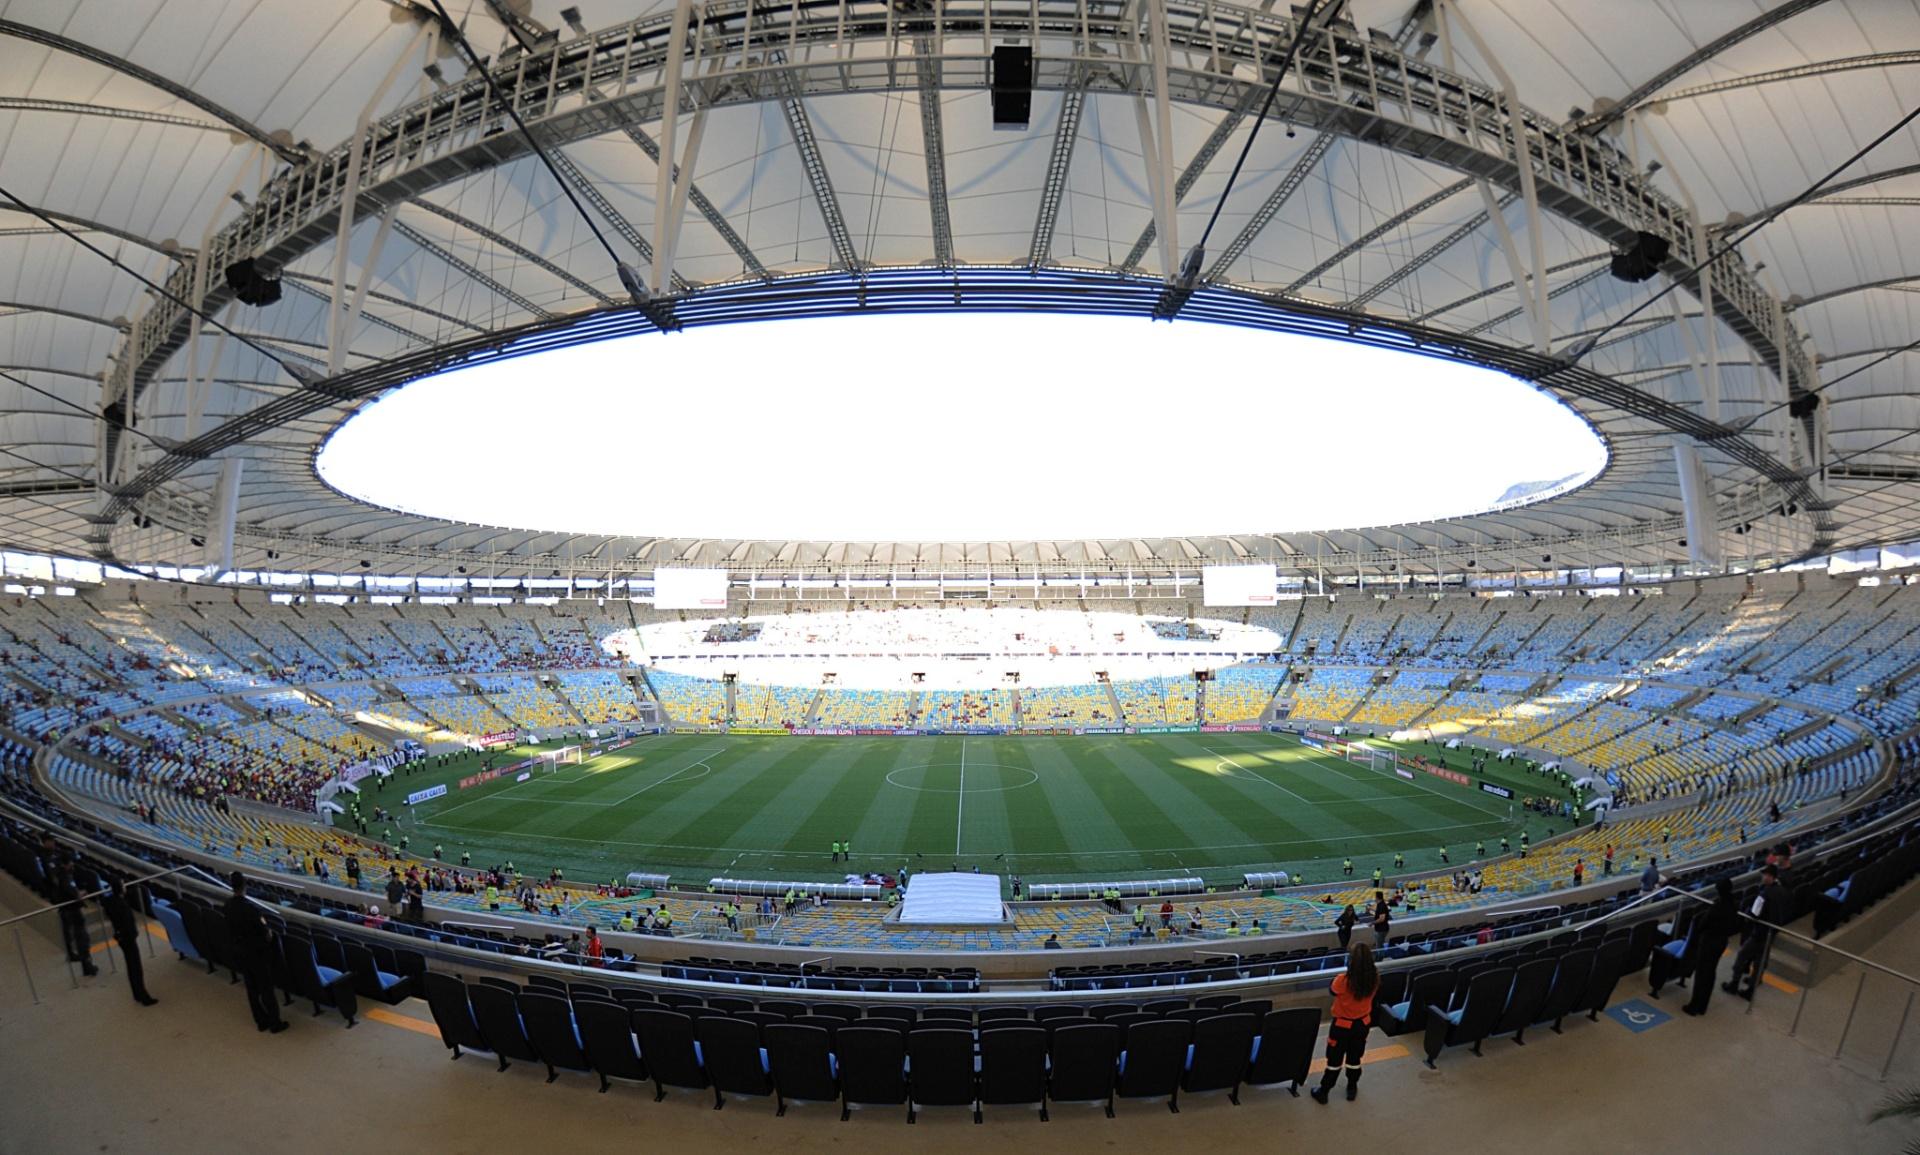 Visão geral do estádio do Maracanã à tarde